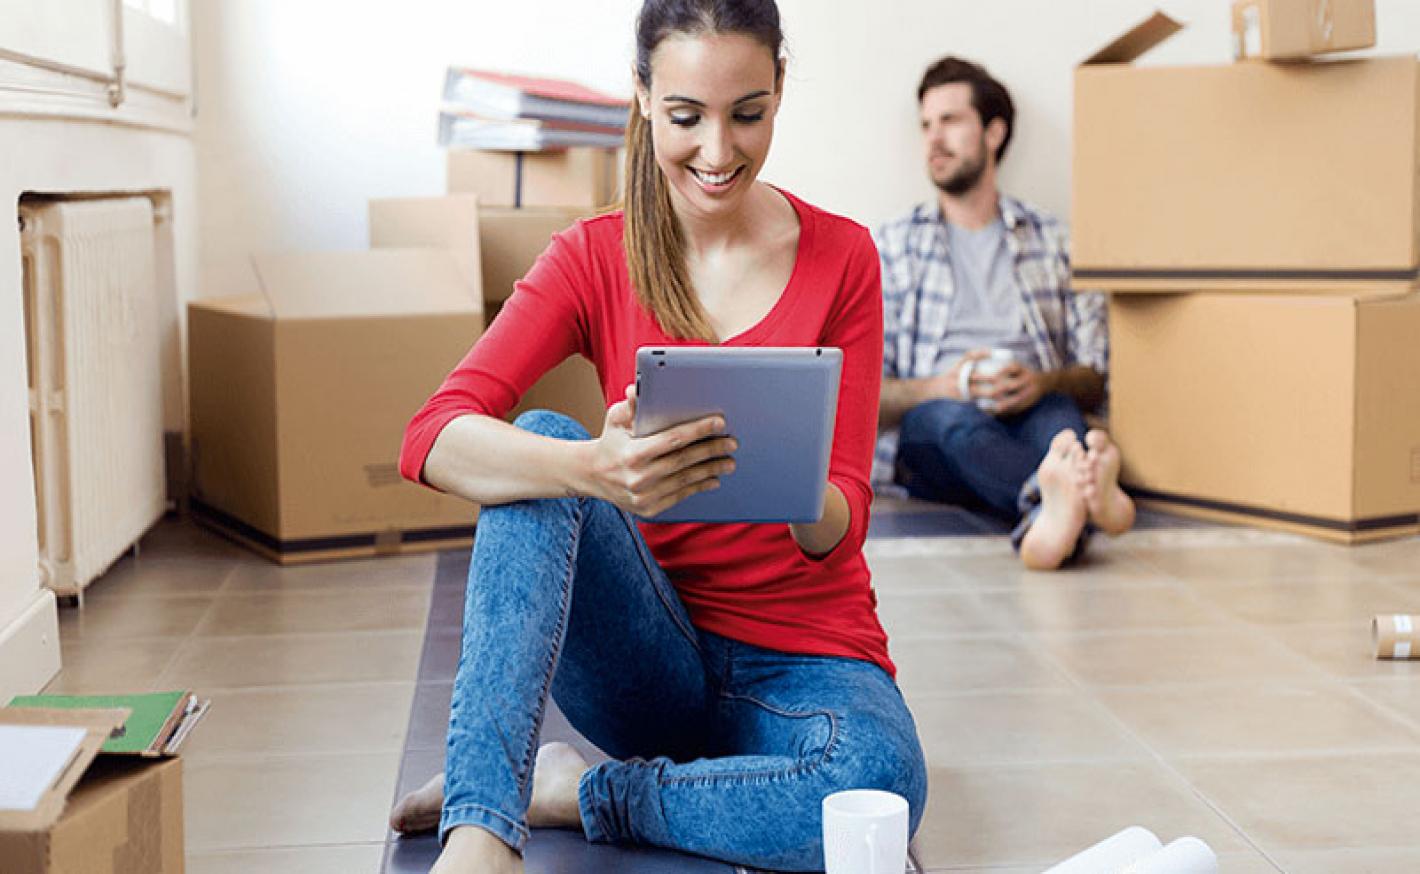 5 Dicas de mestre para aproveitar melhor o espaço da casa